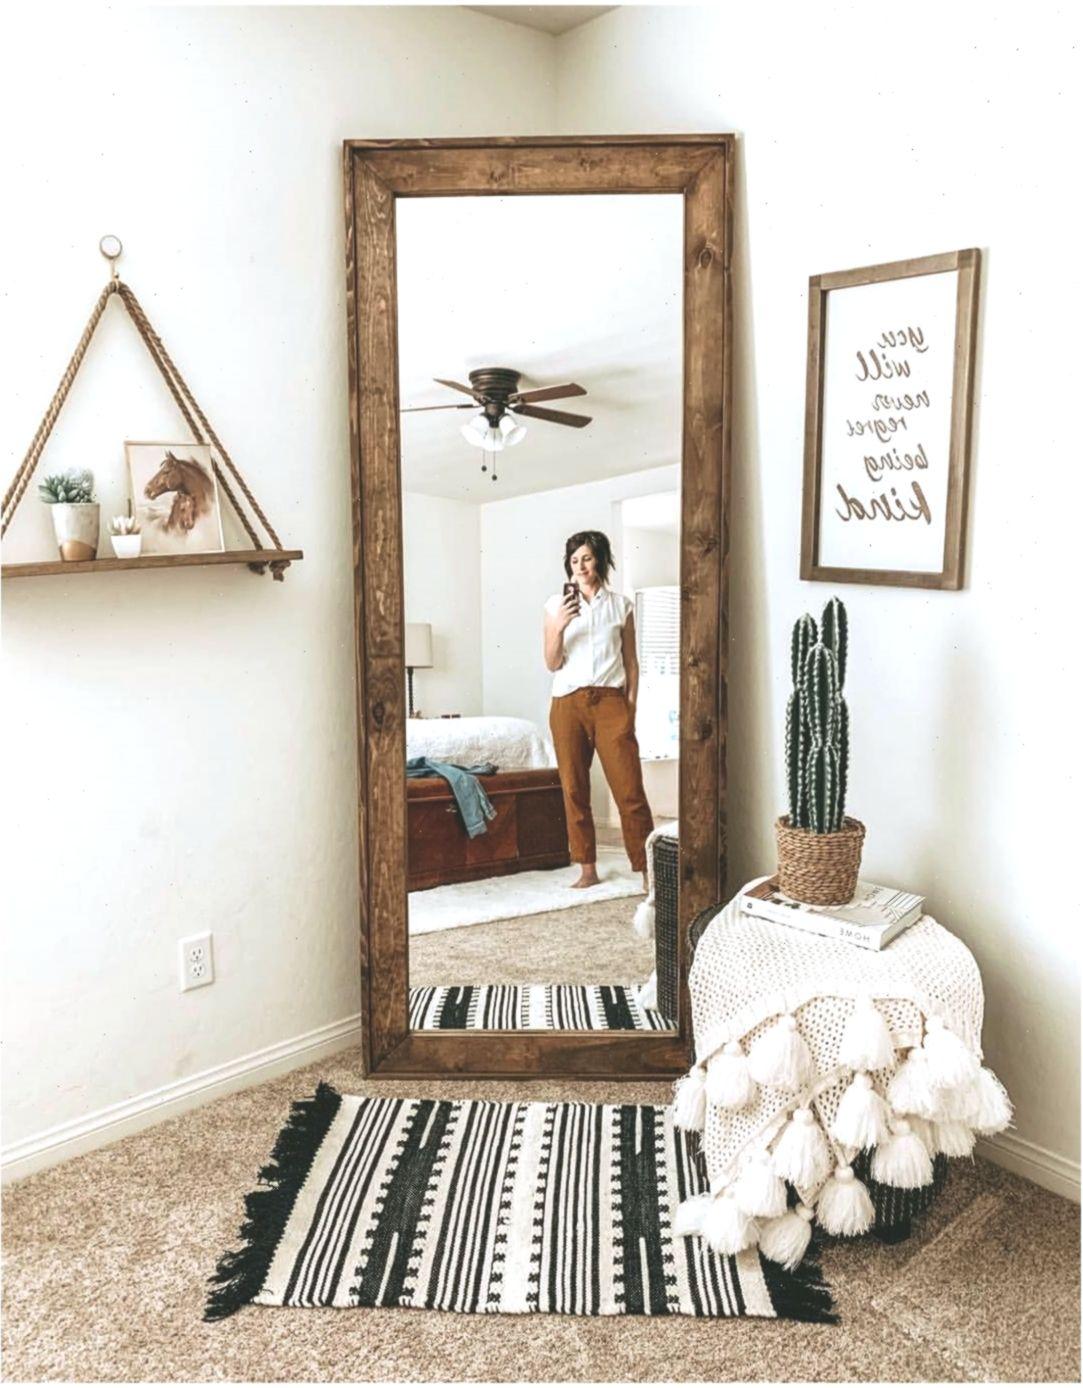 Mirror Wood Mirror Full Length Mirror Bedroom Master Bedroom Boho Farmhouse Schlafzimmer Bedroom Door Design Farmhouse Bedroom Decor Shelf Decor Bedroom